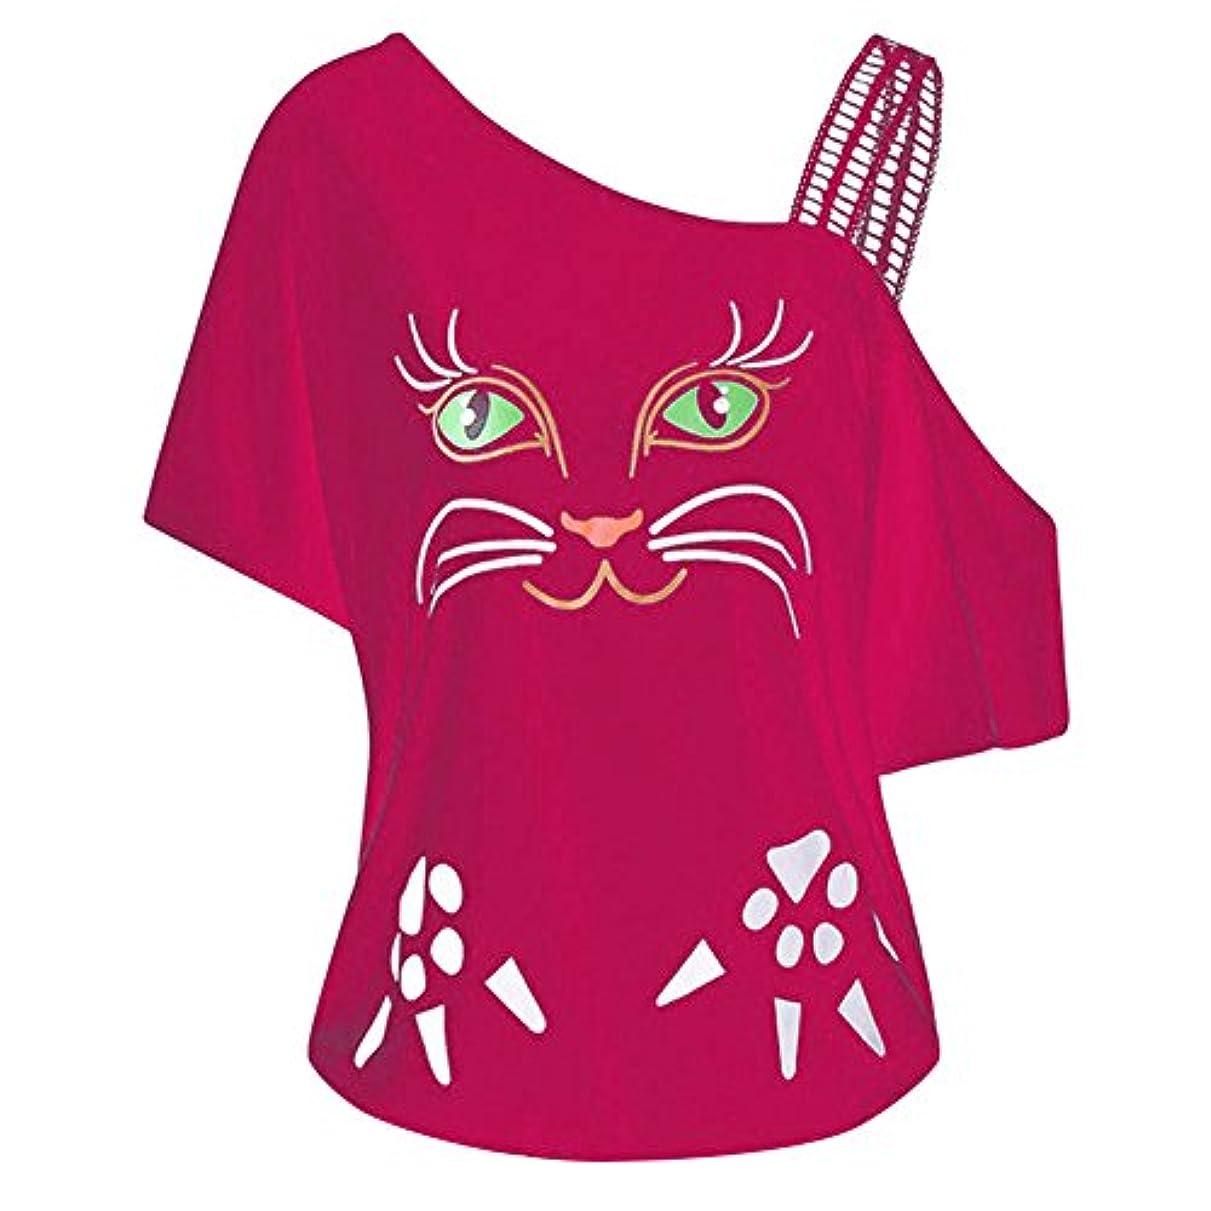 出会い粉砕するビュッフェHosam レディース 洋服 片肩 猫 お洒落 おもしろ プリント Tシャツ お洒落 体型カバ― お呼ばれ 通勤 日常 快適 大きなサイズ シンプルなデザイン 20代30代40代でも (L, ピンク)